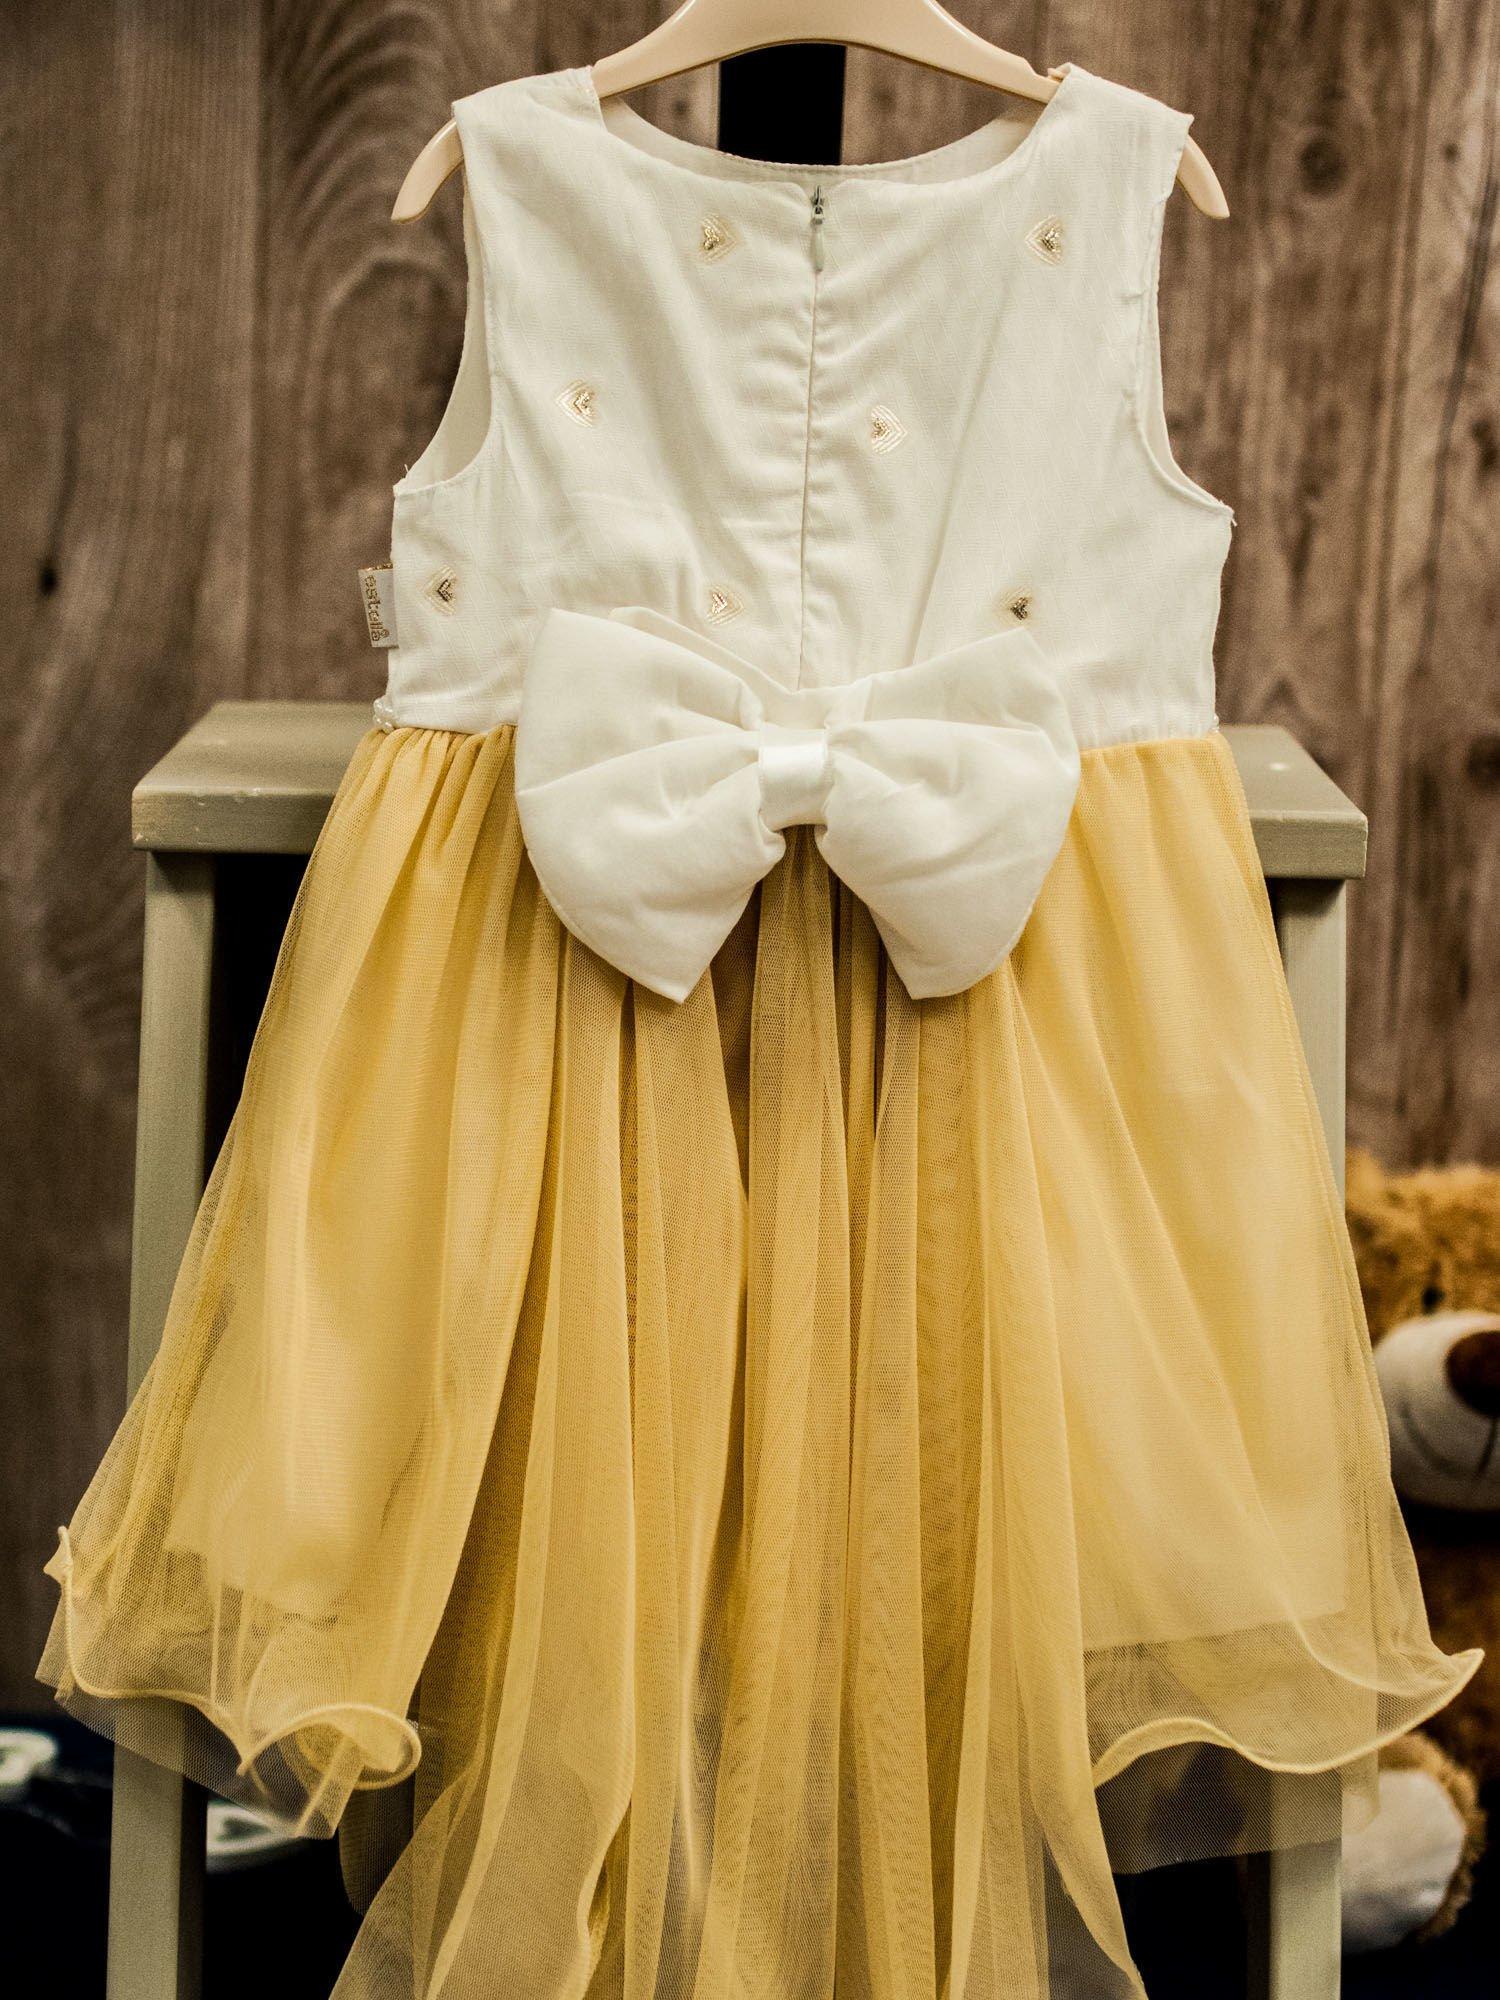 a944f4da20 Beżowo-biała tiulowa sukienka dziewczęca z perełkami - Dziecko ...